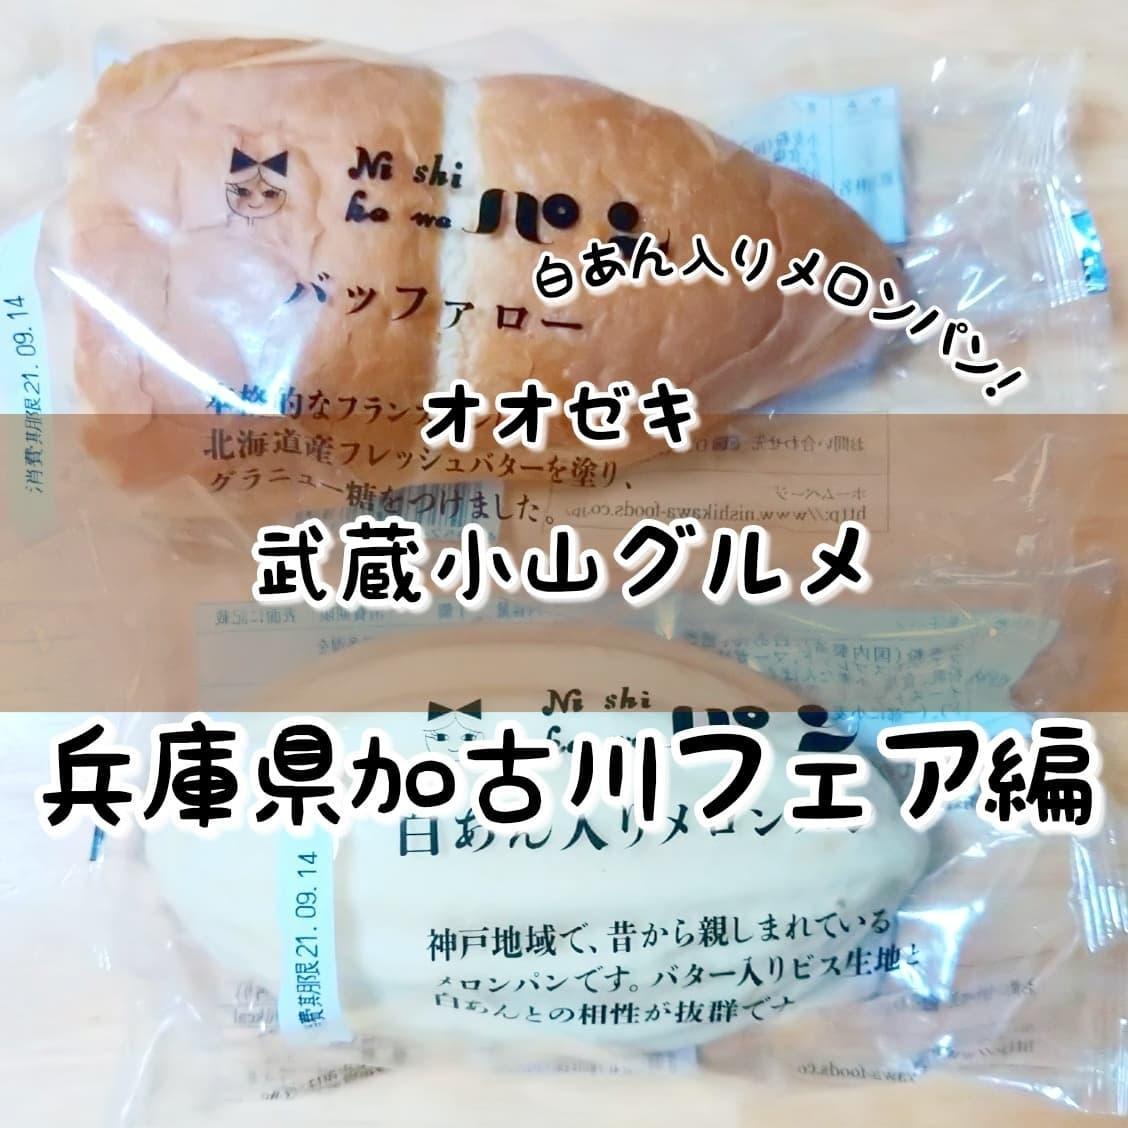 #武蔵小山グルメ情報 #オオゼキ #ニシカワ食品#白あん入りメロンパン兵庫県で有名なパン屋さん!神戸でメロンパンと言えば白あんが入ったこの白いやつみたいおもいで度--☆-- #侍猫度マイルド系--☆--スパイシー系あっさり系--☆--コッテリ系シンプル系--☆--ゴロゴロ系オールド系--☆--ニュー系ふんわりパンに白あんが入ったメロンパン。クッキー生地的なエリアはなくていつもの丸いメロンパンとは違うね。あんこでずっしりな白メロンパンありだね。このニシカワパンって兵庫県の加古川で生まれた70年の歴史を持つパン屋さんだね。地元ではバッファローも人気があるみたいでバターグラニュー糖をはさんだフランスパンもなかなか美味しいやつでしたな。場所は、駅から商店街を中原街道方面に進んでマックの交差点を左に曲がってすぐだね。 もっと武蔵小山のお店を探す時はメインサイトが見やすいですぞ!プロフィール画面に記載のURLからGO!→@musashikoyama.news ※本店だと地図が見やすくなっとります。画像やら記事もちょいとだけ違う感じになっとりますよ!【武蔵小山情報募集】おすすめのお店やらメニューがございましたら侍猫さんの食べに行くリストへ追加しますので、コメントやらメッセージやらでうまいこと教えてくださいな!…きっと行きます。 #武蔵小山 #武蔵小山情報 #武蔵小山ランチ #ランチ #グルメ #武蔵小山商店街 #武蔵小山パルム #武蔵小山商店街パルム #武蔵小山駅 #武蔵小山グルメ #武蔵小山ランチ #武蔵小山ディナー #武蔵小山食事 #武蔵小山モーニング #東京 #東京グルメ #東京 #東京グルメ  #musashikoyama #tokyofood #tokyo